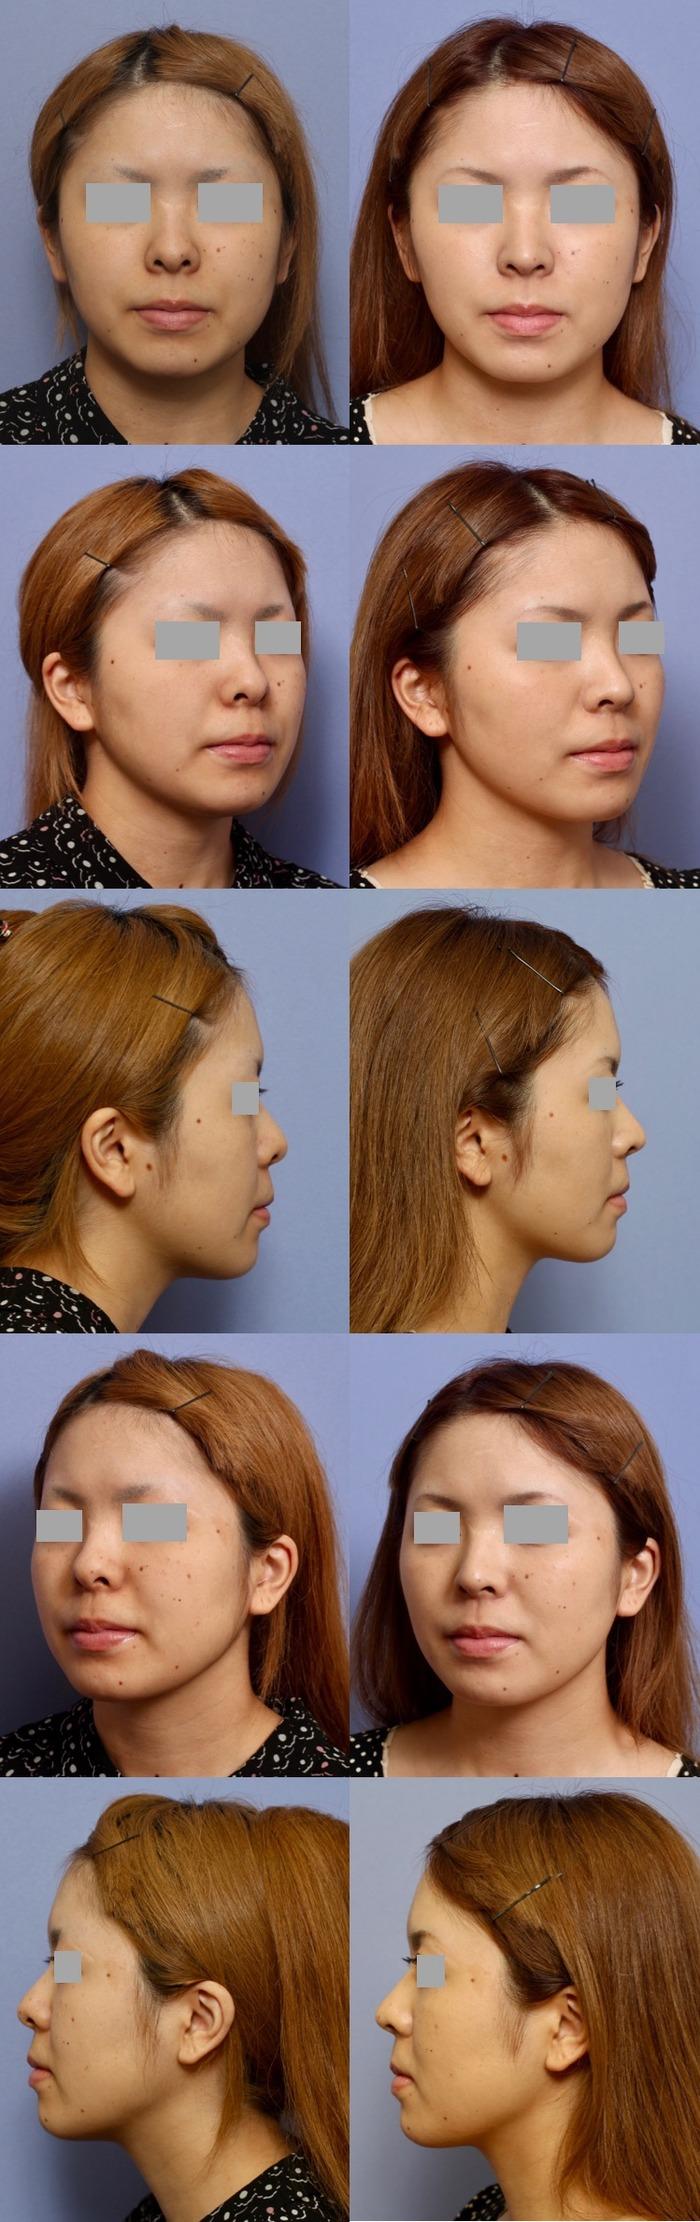 鼻尖縮小術 鼻孔縁下降術 術後1ヶ月